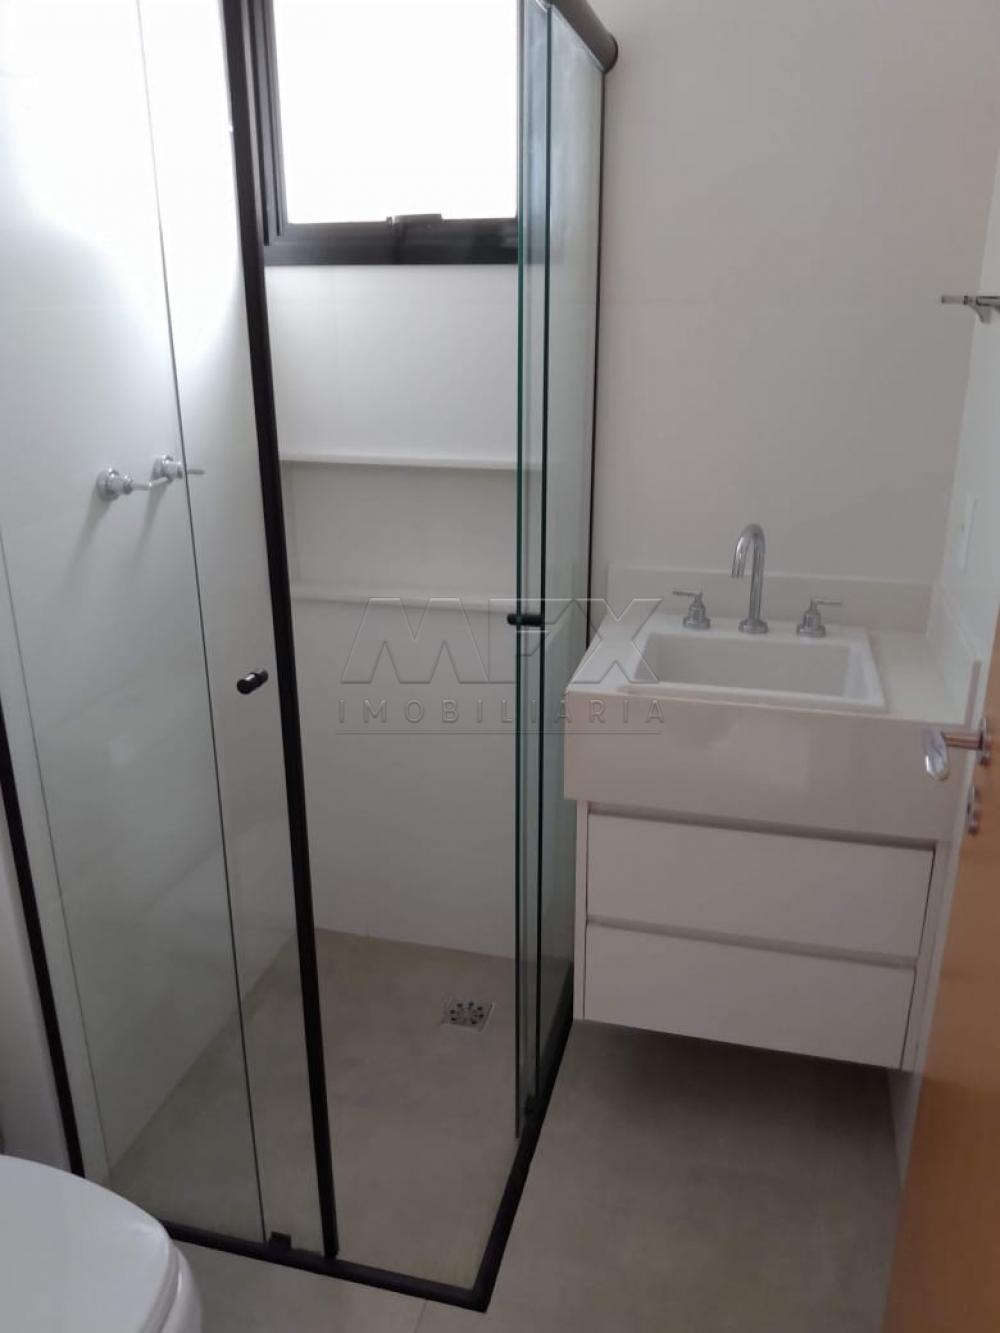 Alugar Apartamento / Padrão em Bauru apenas R$ 3.000,00 - Foto 4